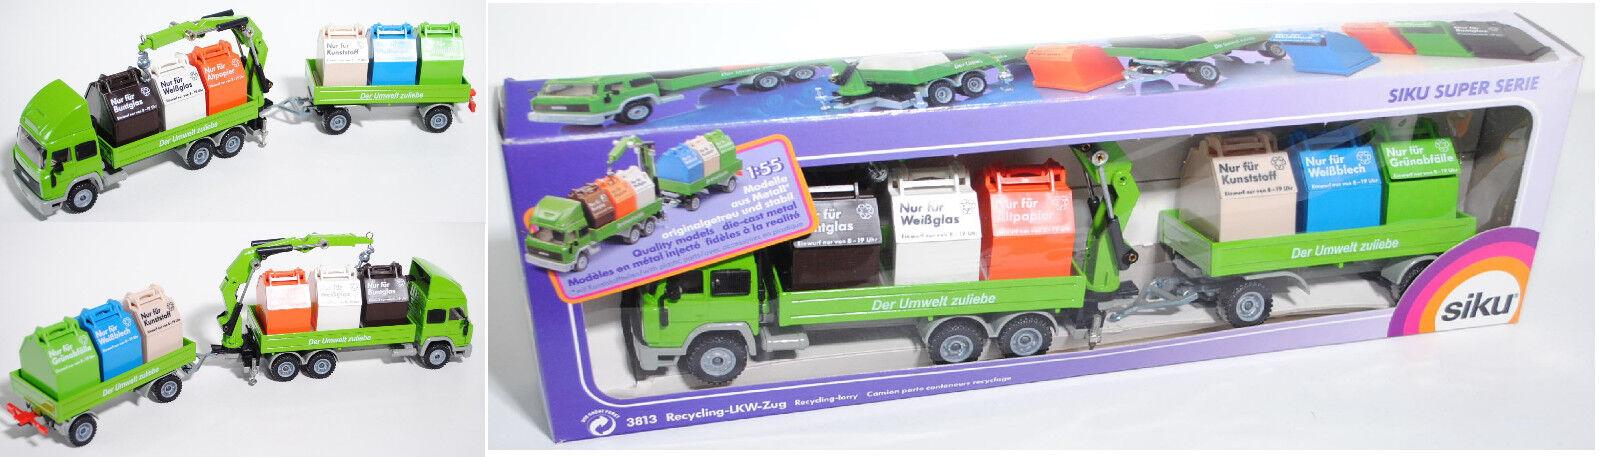 Siku Super 3813 Iveco Turbo Star reciclado-tren, el medio ambiente por el bien, aprox. 1 55